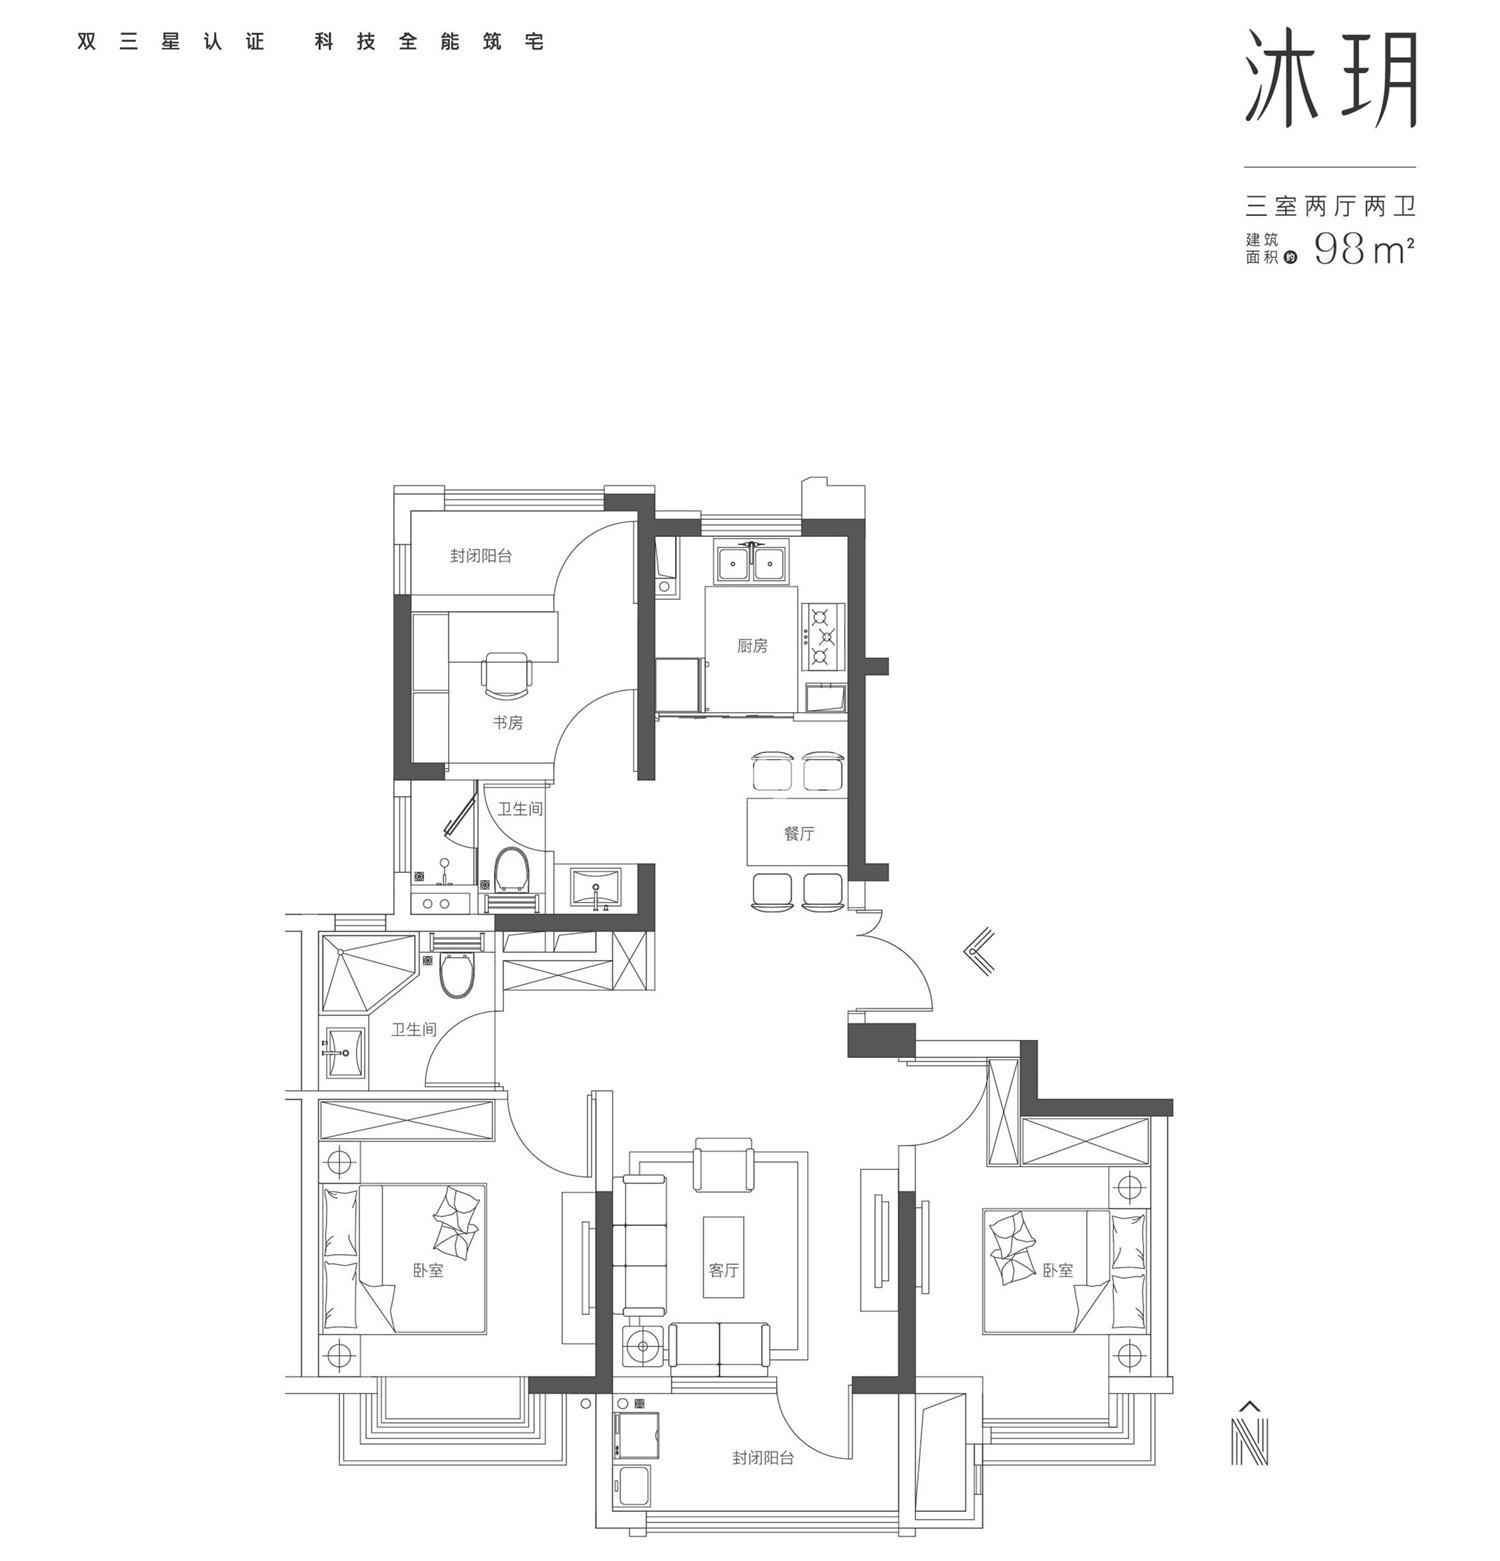 海玥华府98㎡户型图